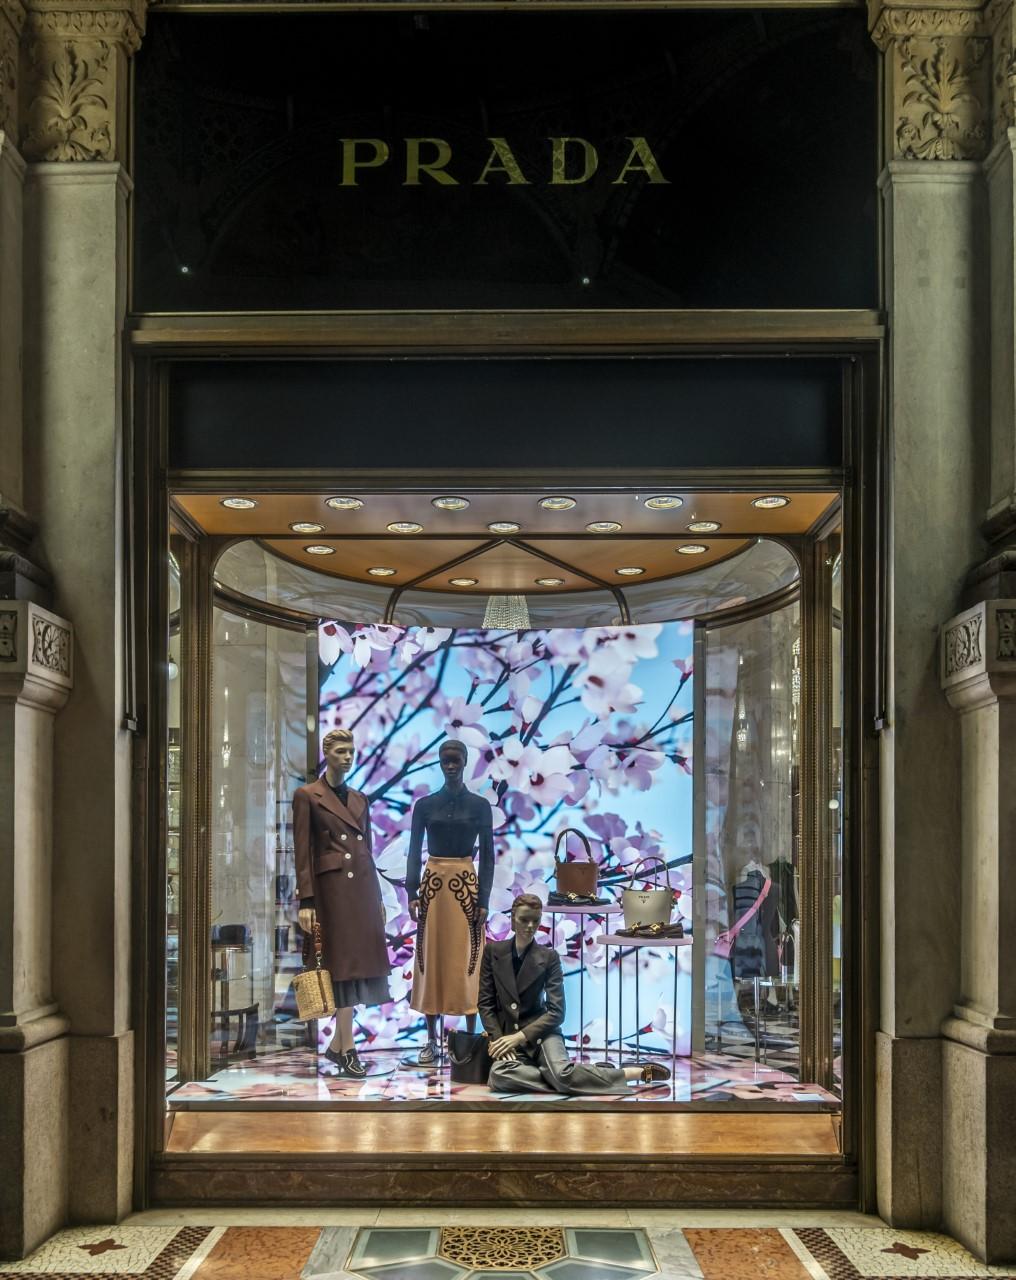 L'arte del godere della bellezza dei fiori. Blossom: Thomas Demand per le nuove vetrine d'artista di Prada